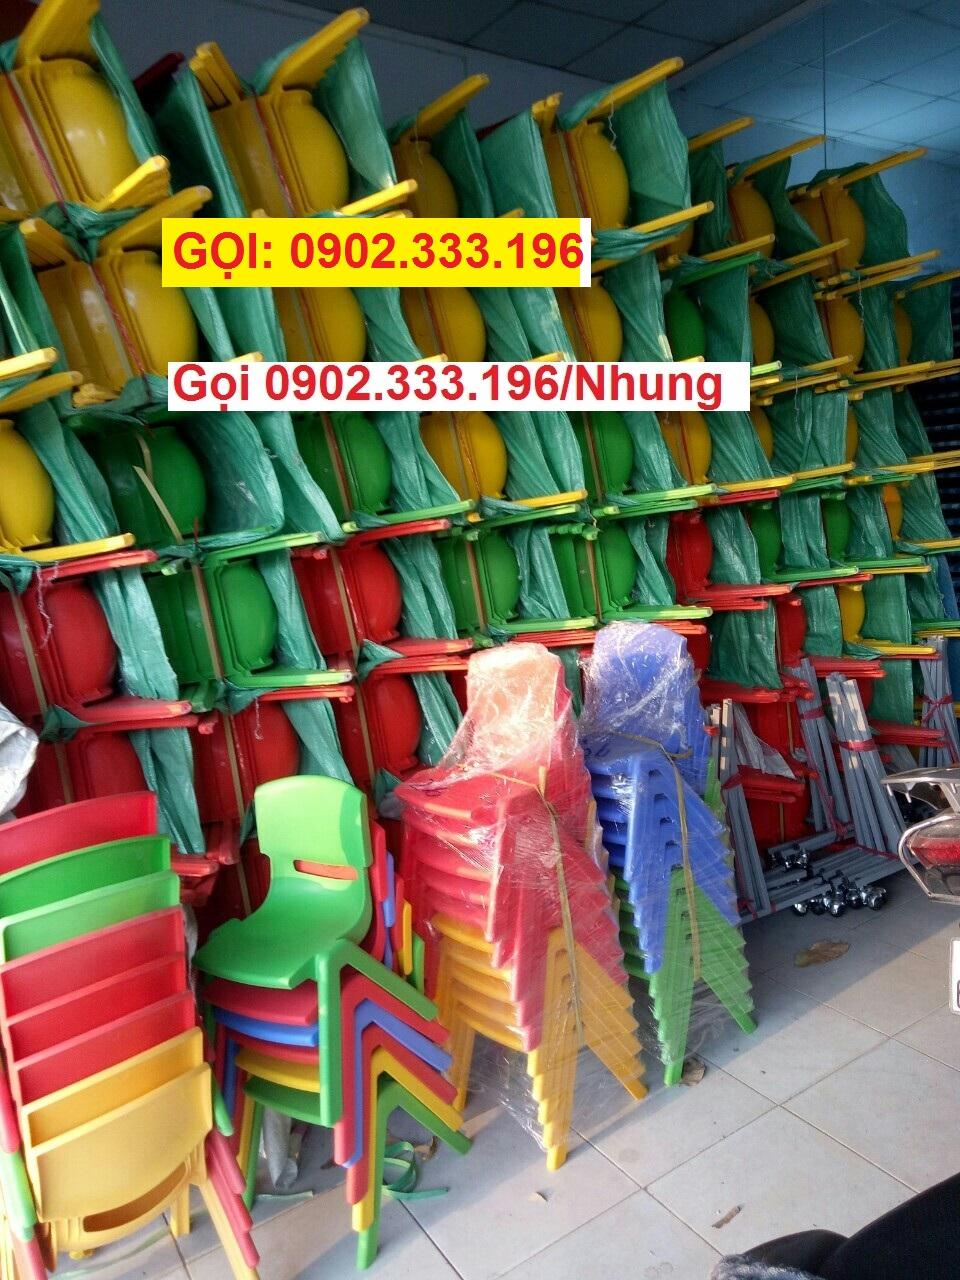 Tìm đối tác phân phối sỉ bàn ghế mầm non, bàn ghế trẻ em mầm non